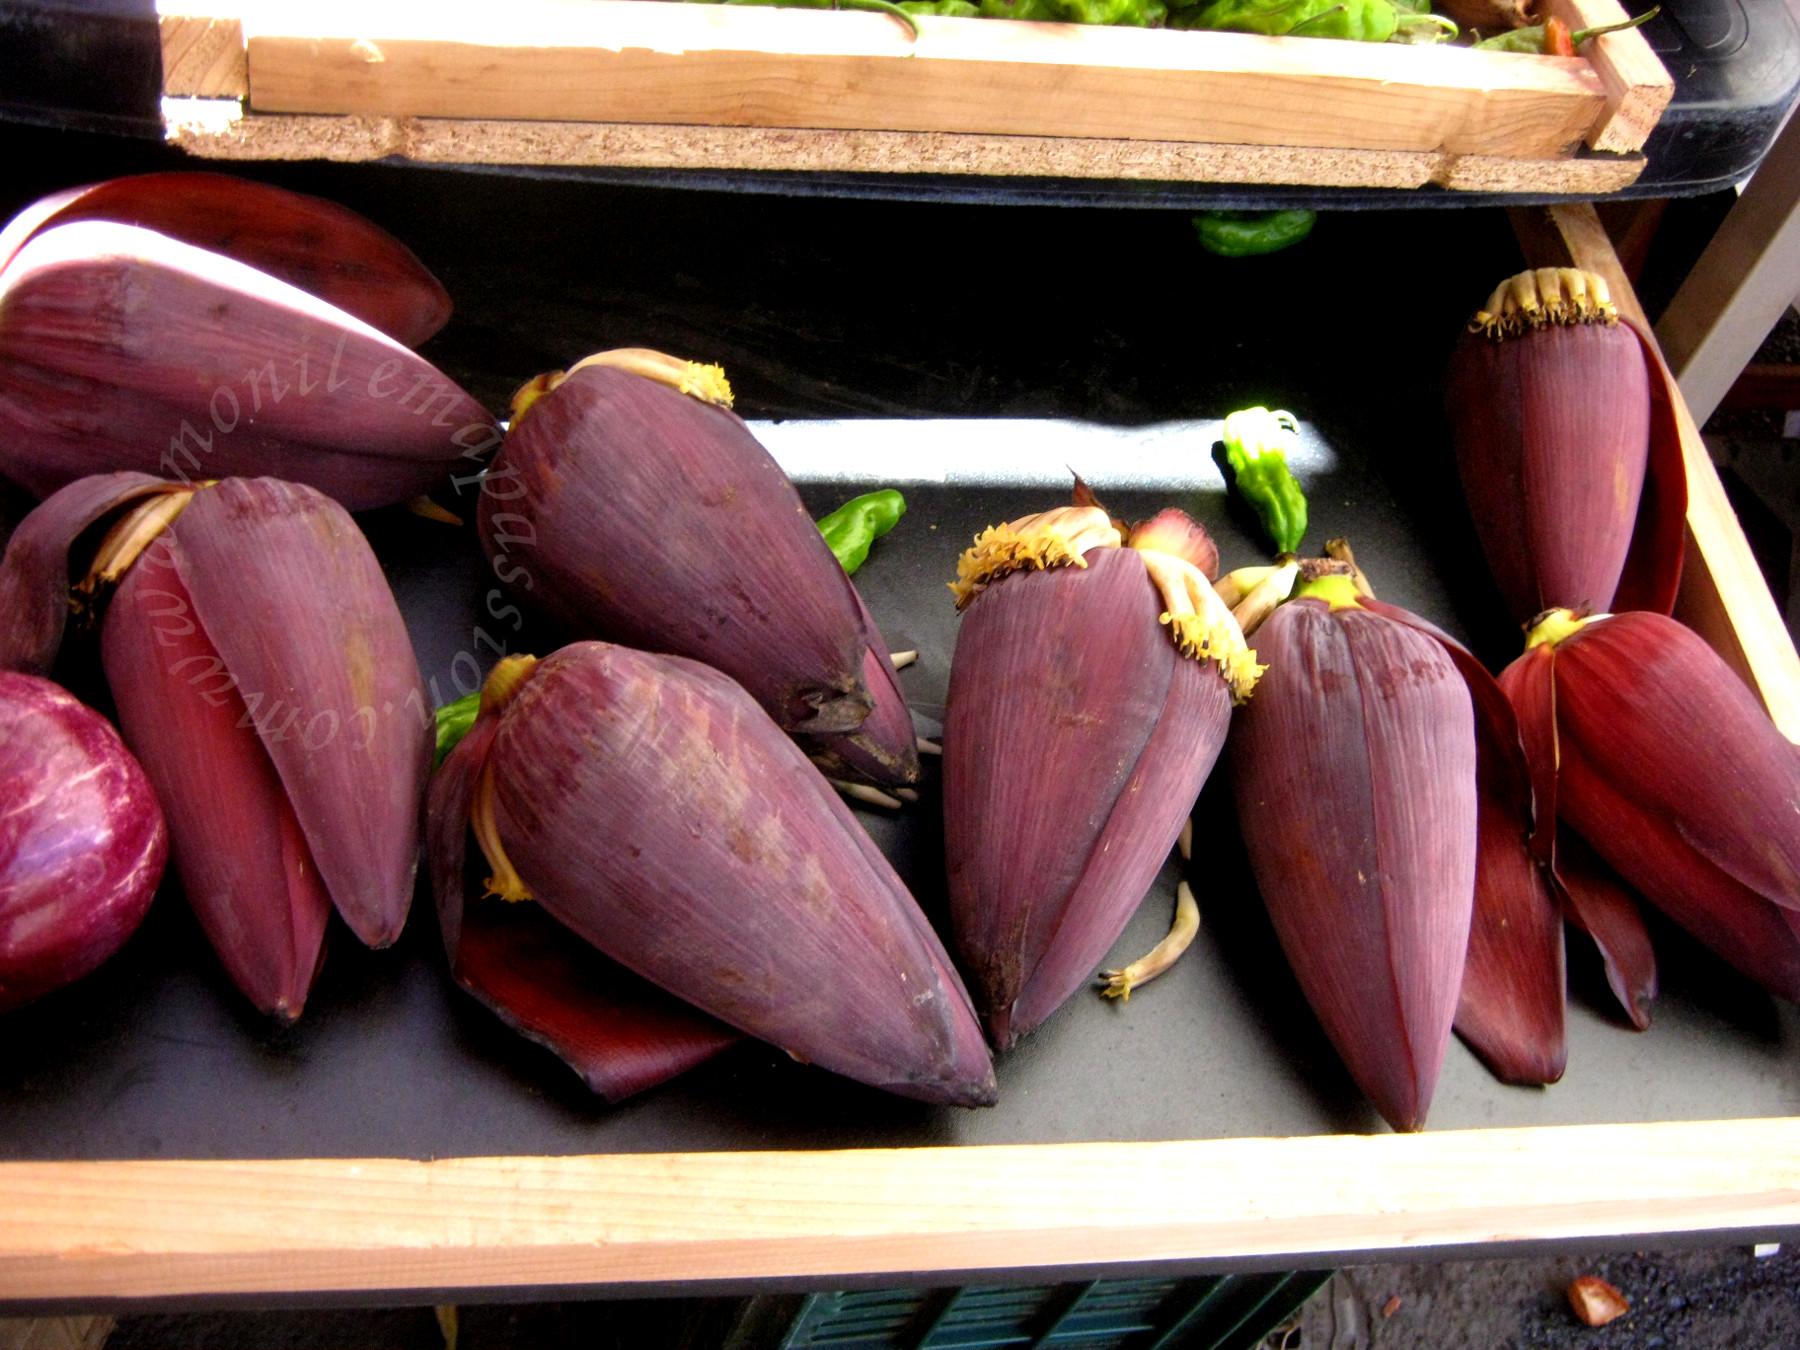 Le marché forain de Saint-Pierre – Saint Peter's farmers' market